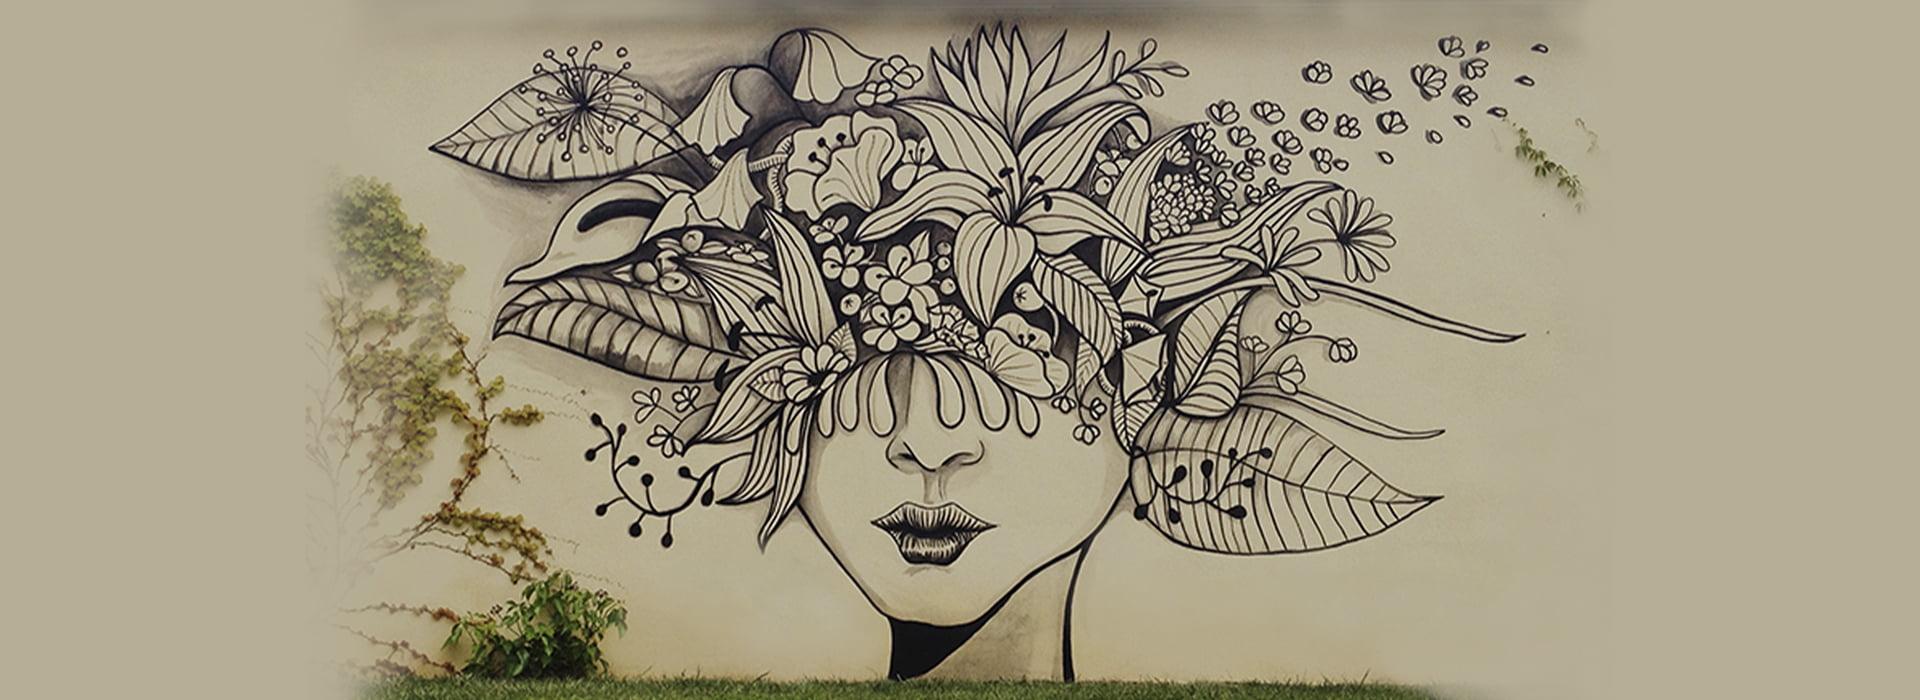 mural elegante relajante